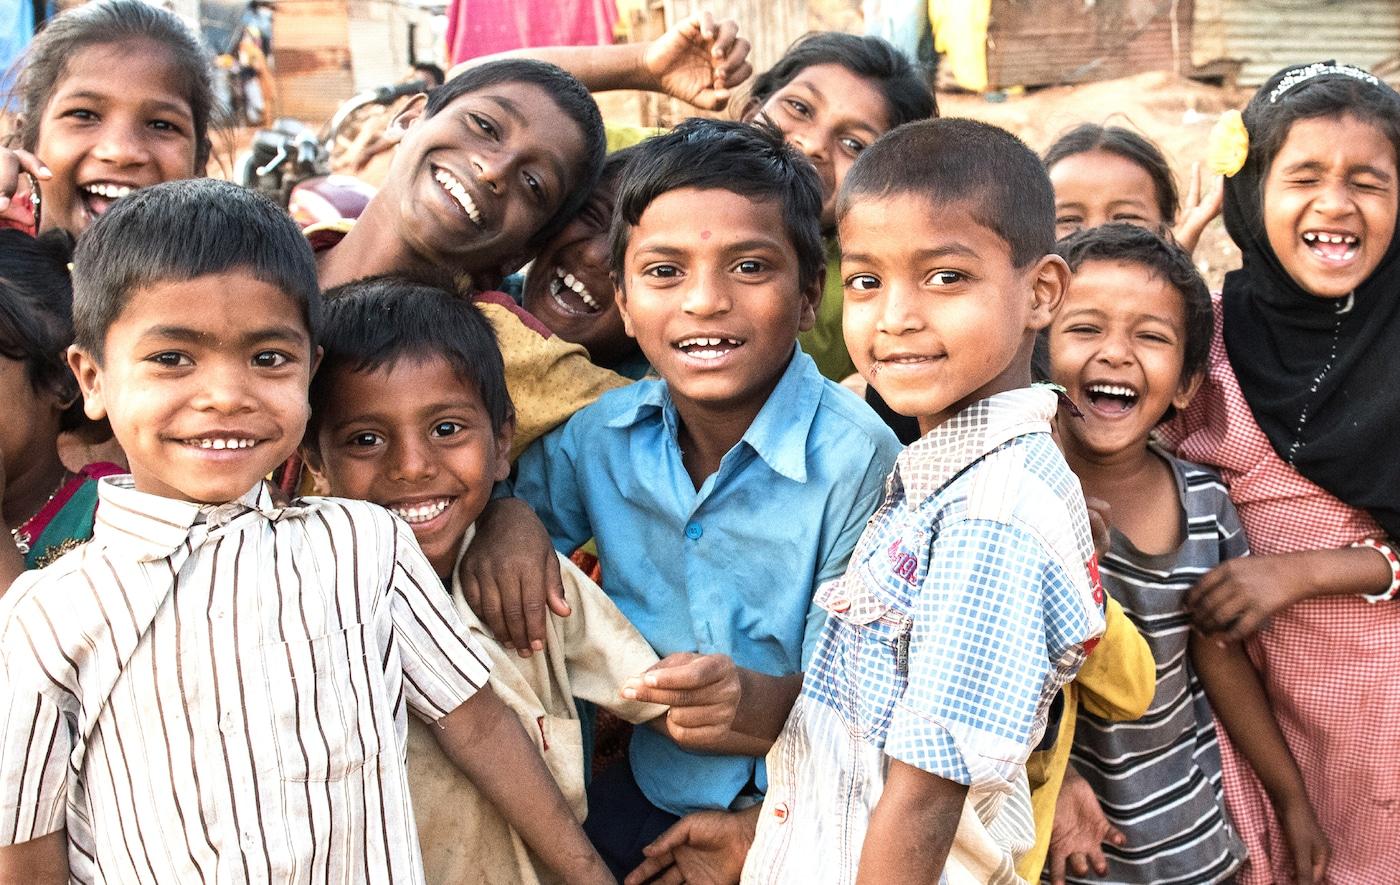 Groupe de garçons et de filles en train de sourire et de rire.